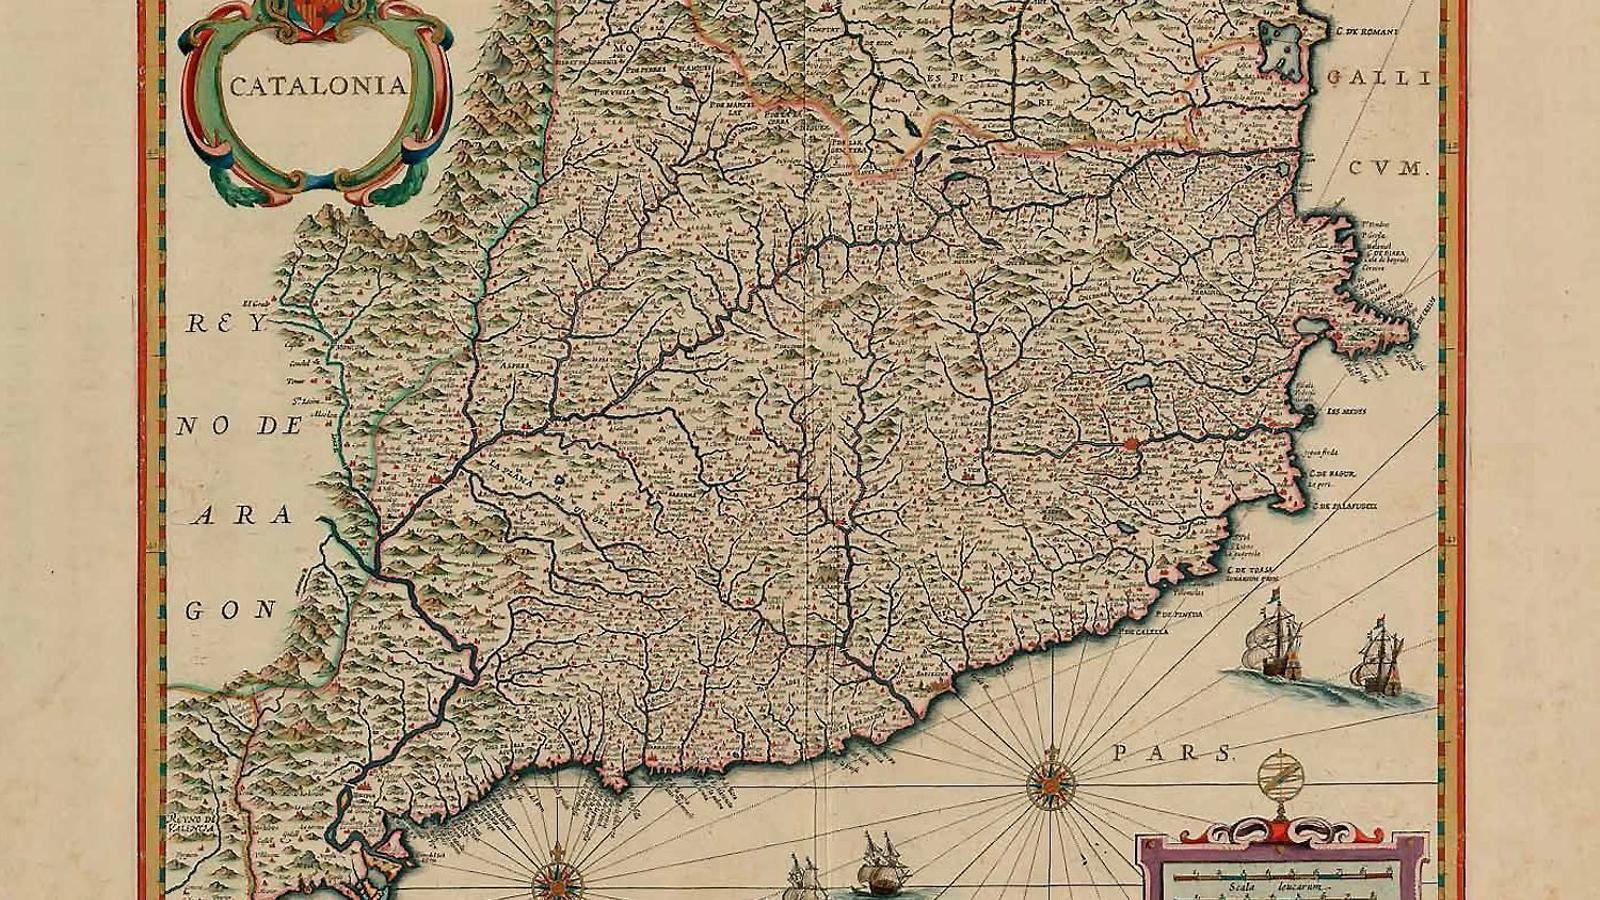 Mapa publicat l'any 1652 a Amsterdam com a part de l'obra Atlantis nova pars secunda.